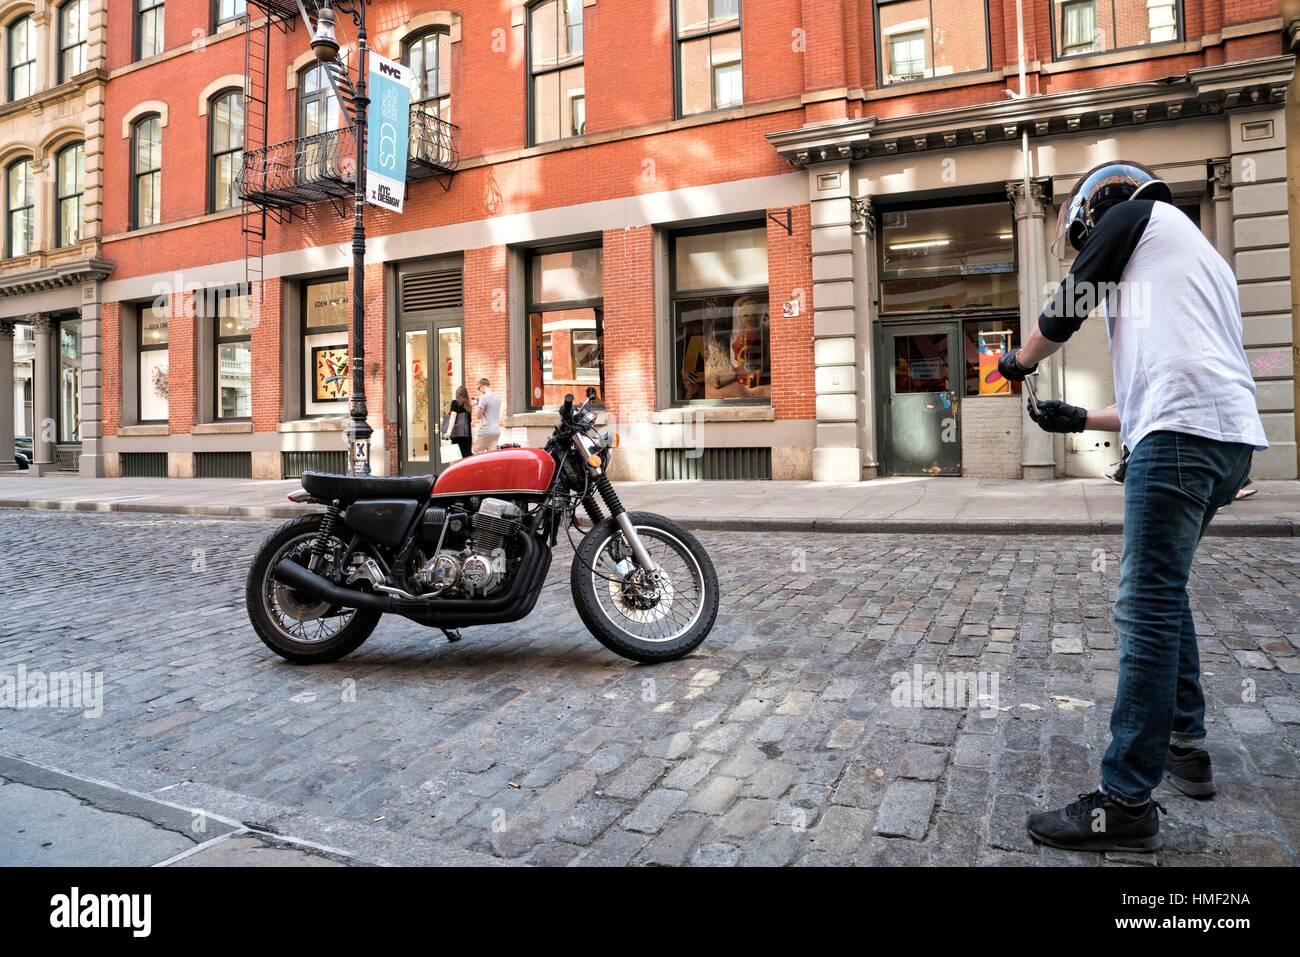 Soho, Manhattan, New York City, l'Homme, 20-30, in Cycle Casque, étages de photographier son cycle de moteur Photo Stock